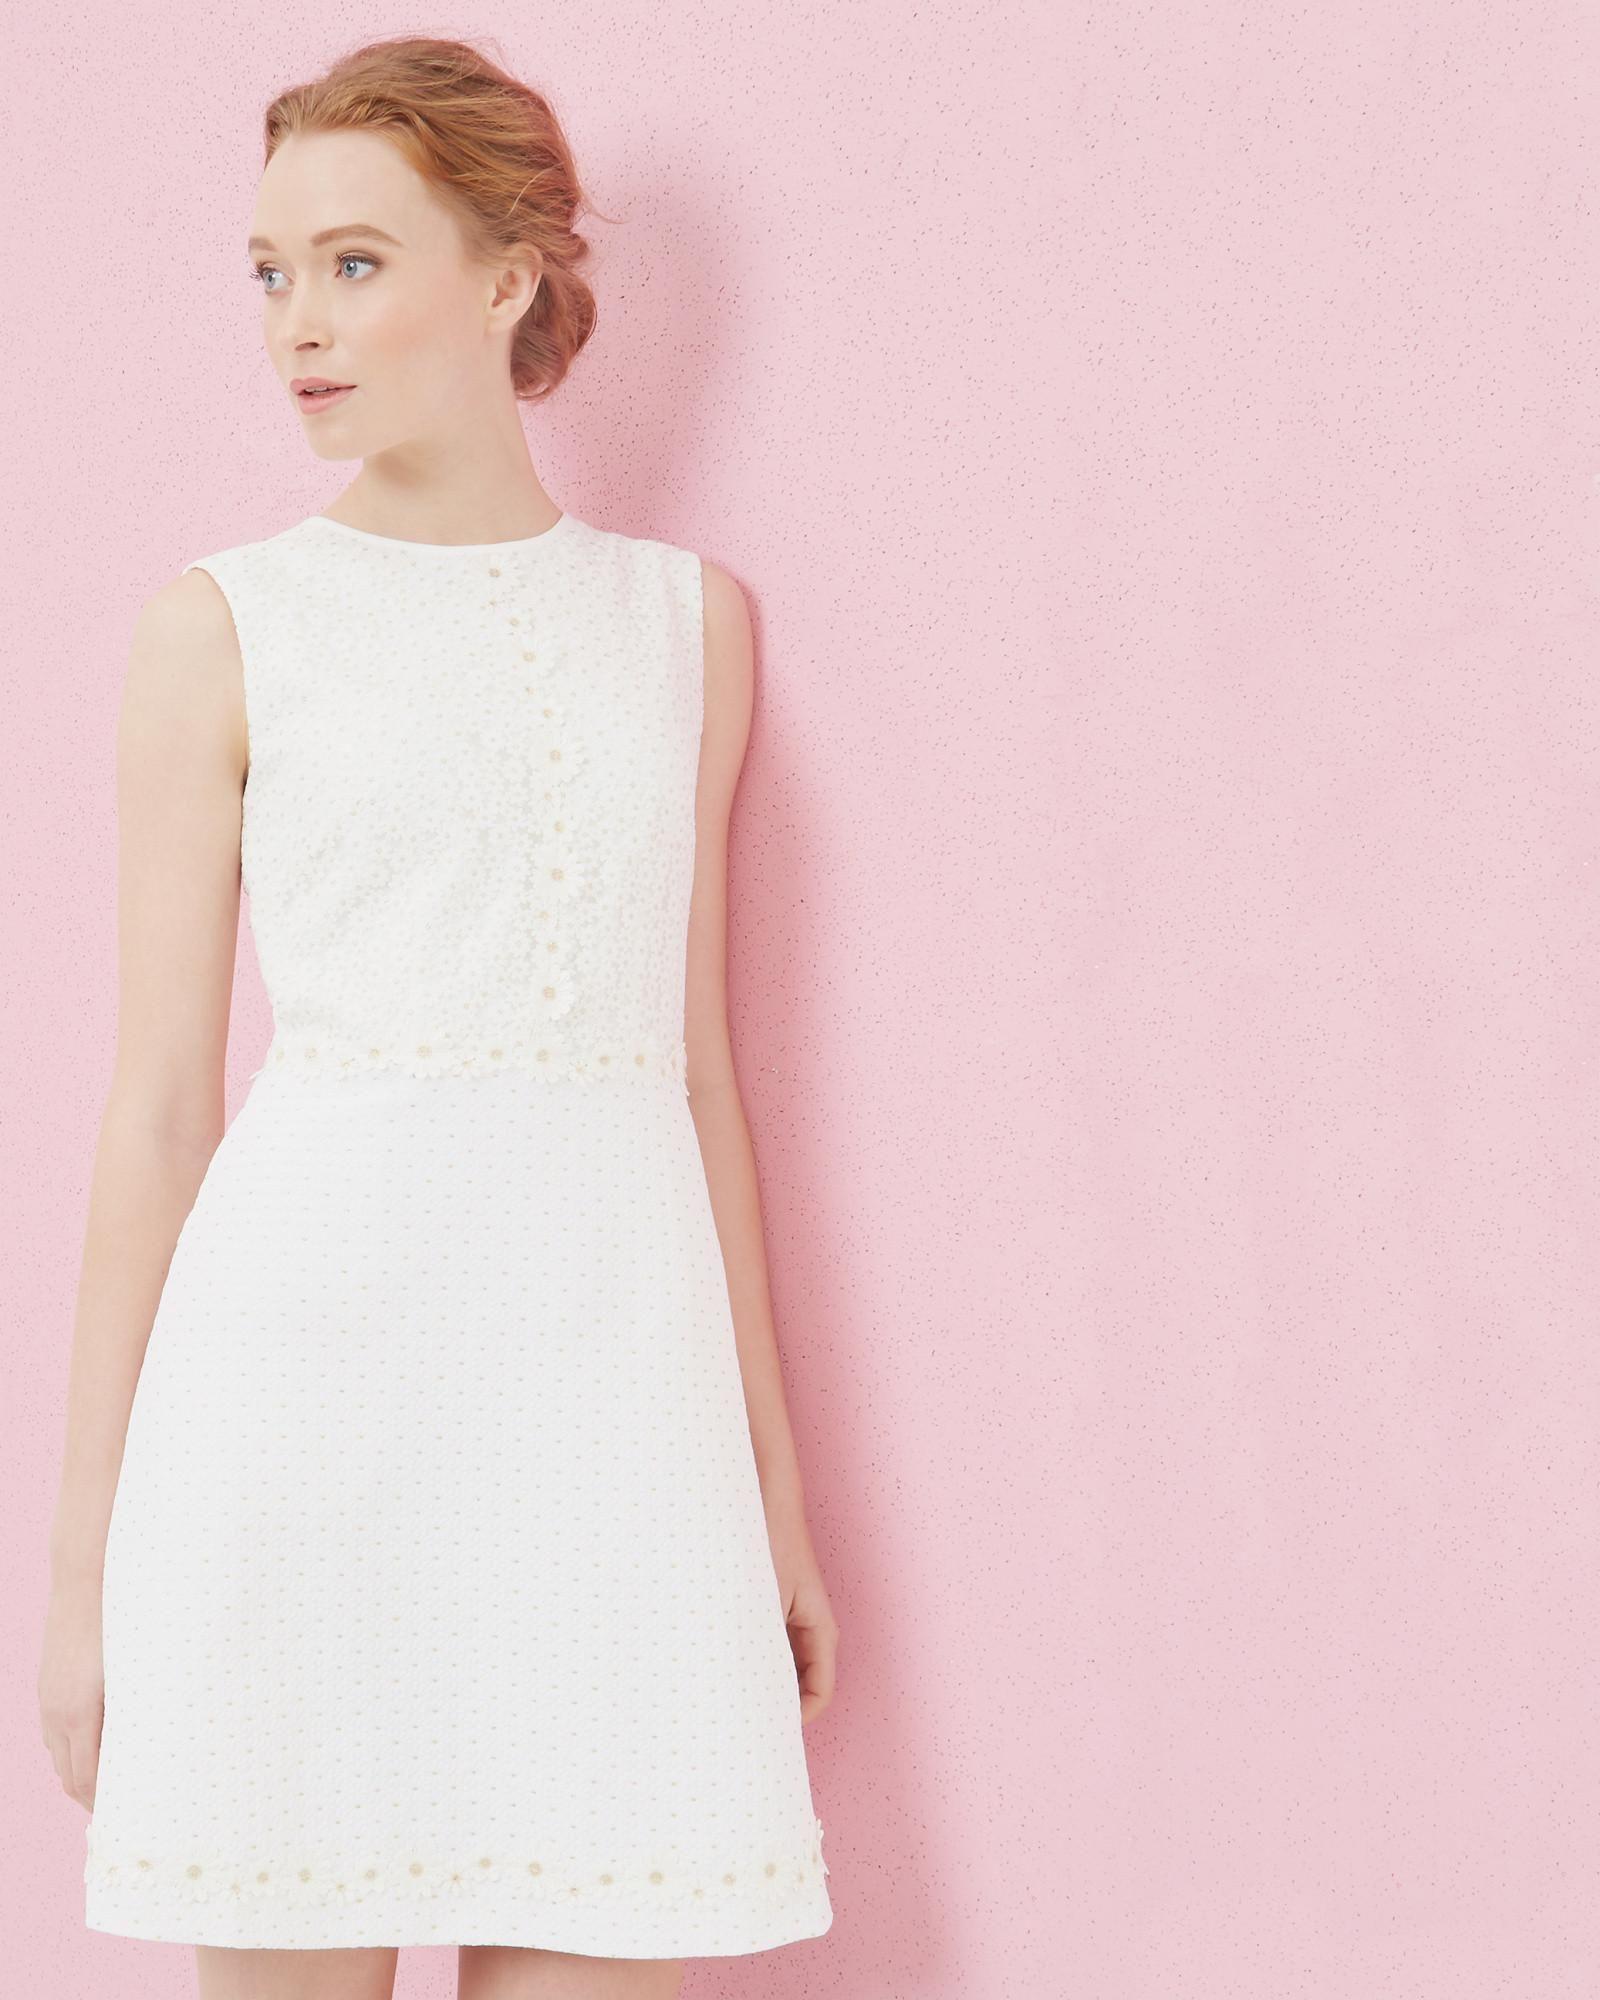 Ted Baker Florales Spitzenkleid in A-Linie Weiß  Hochzeitskleid